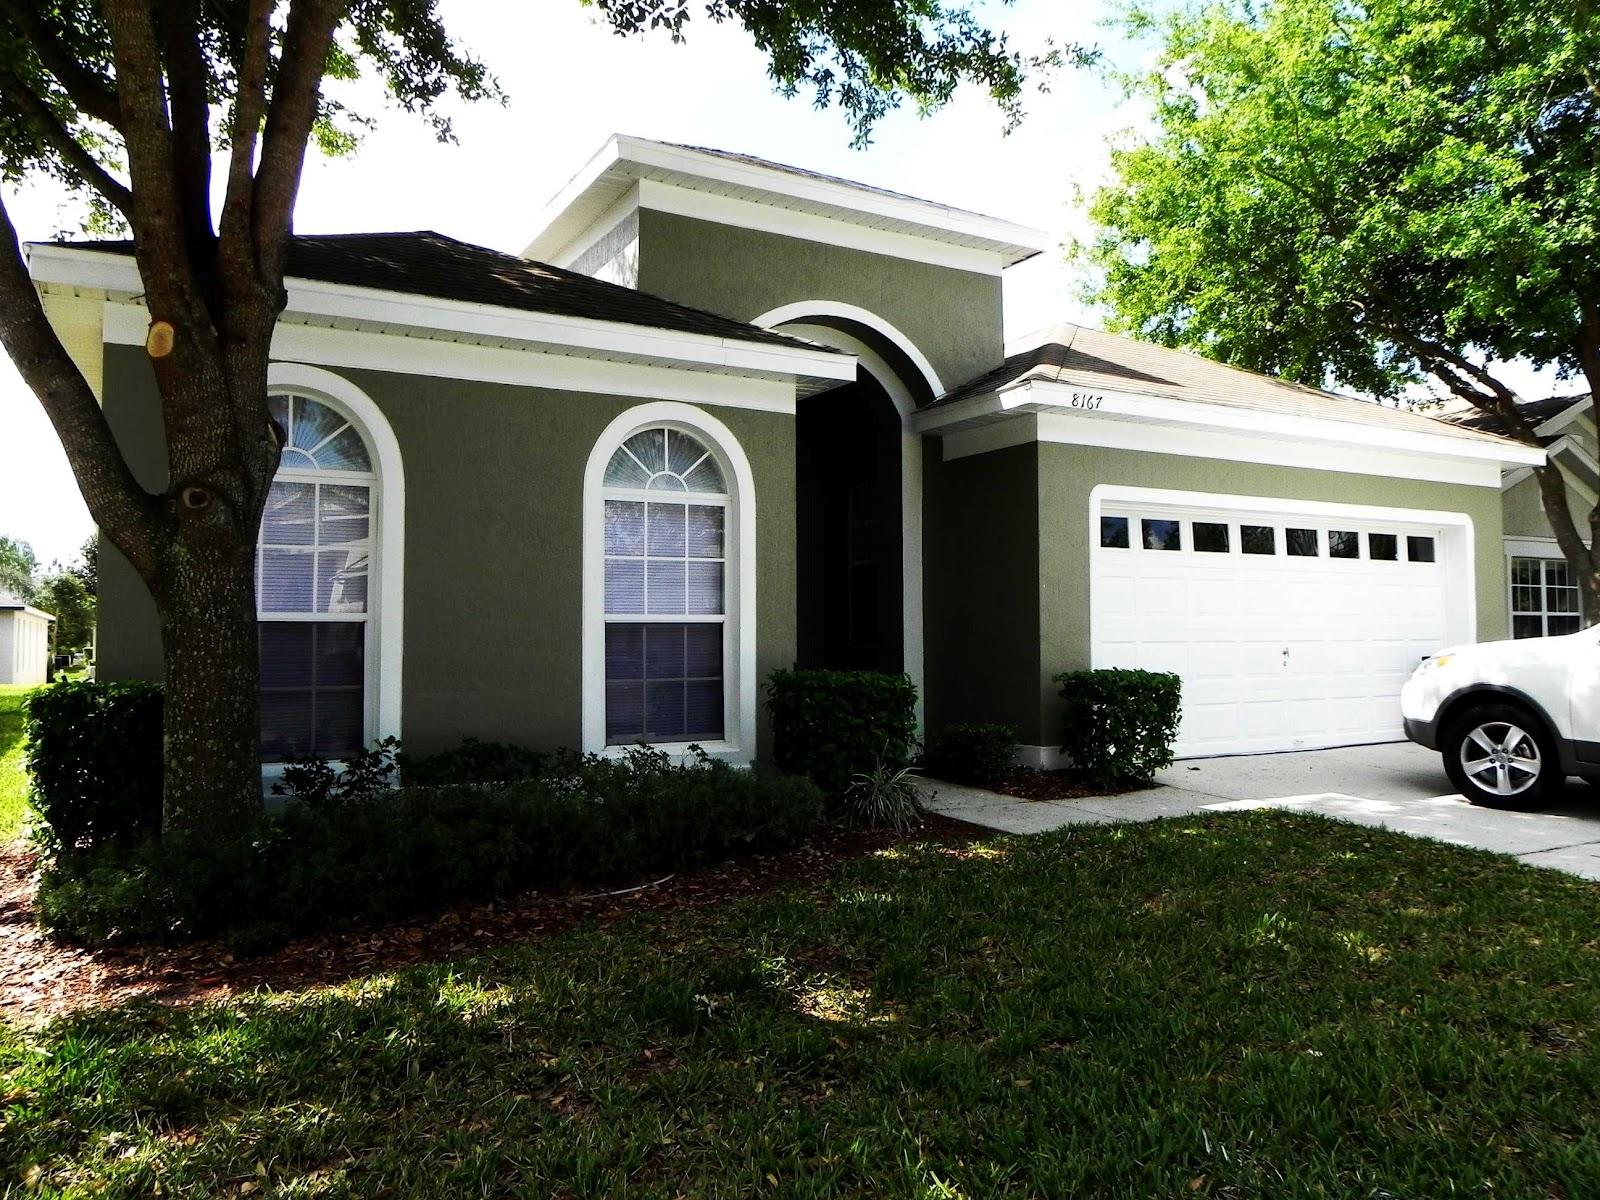 casas para comprar em Orlando kissimmee